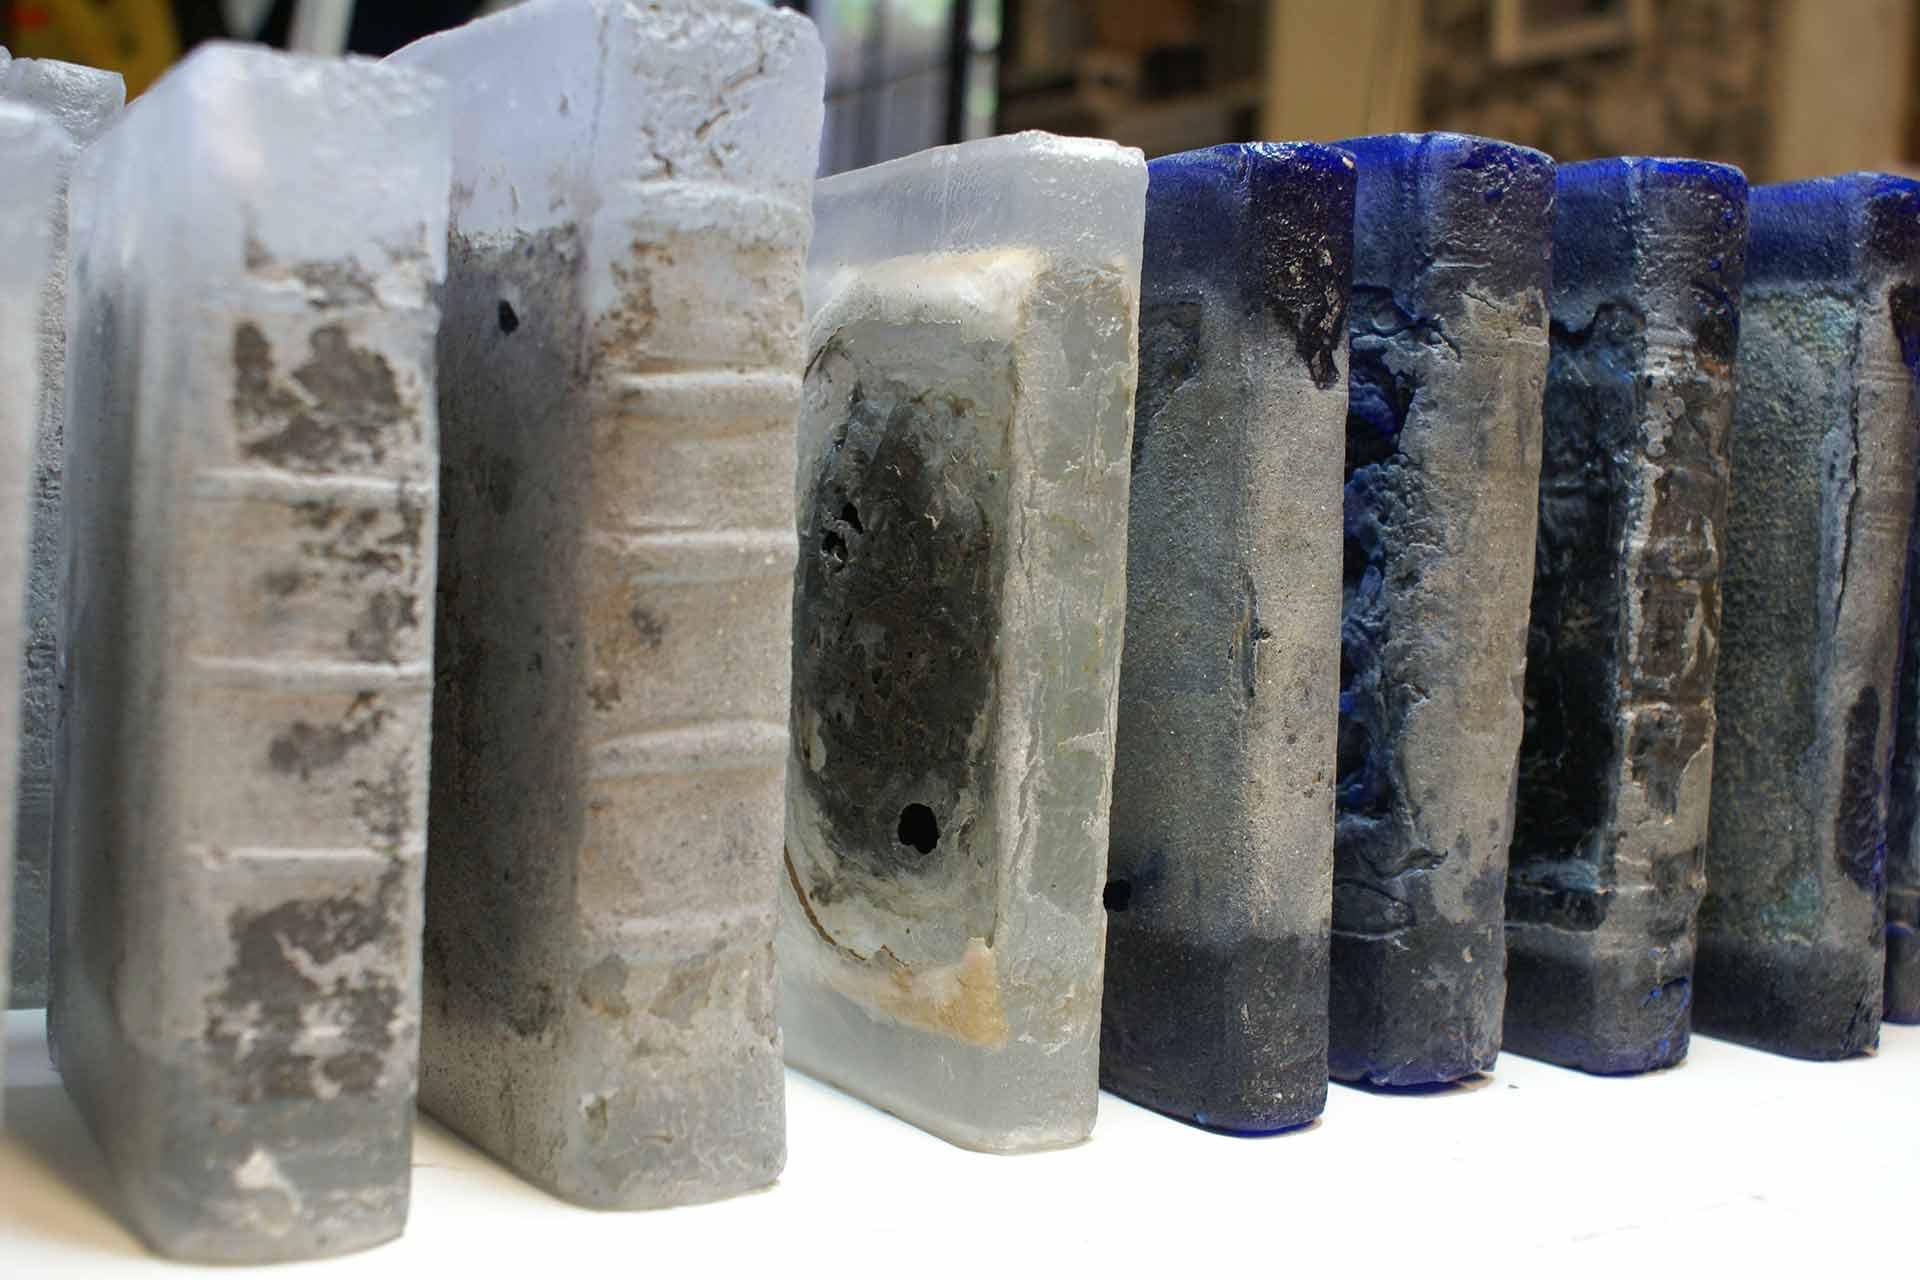 sculpture de livres en verre pour pascal convert par olivier juteau verrier. Black Bedroom Furniture Sets. Home Design Ideas